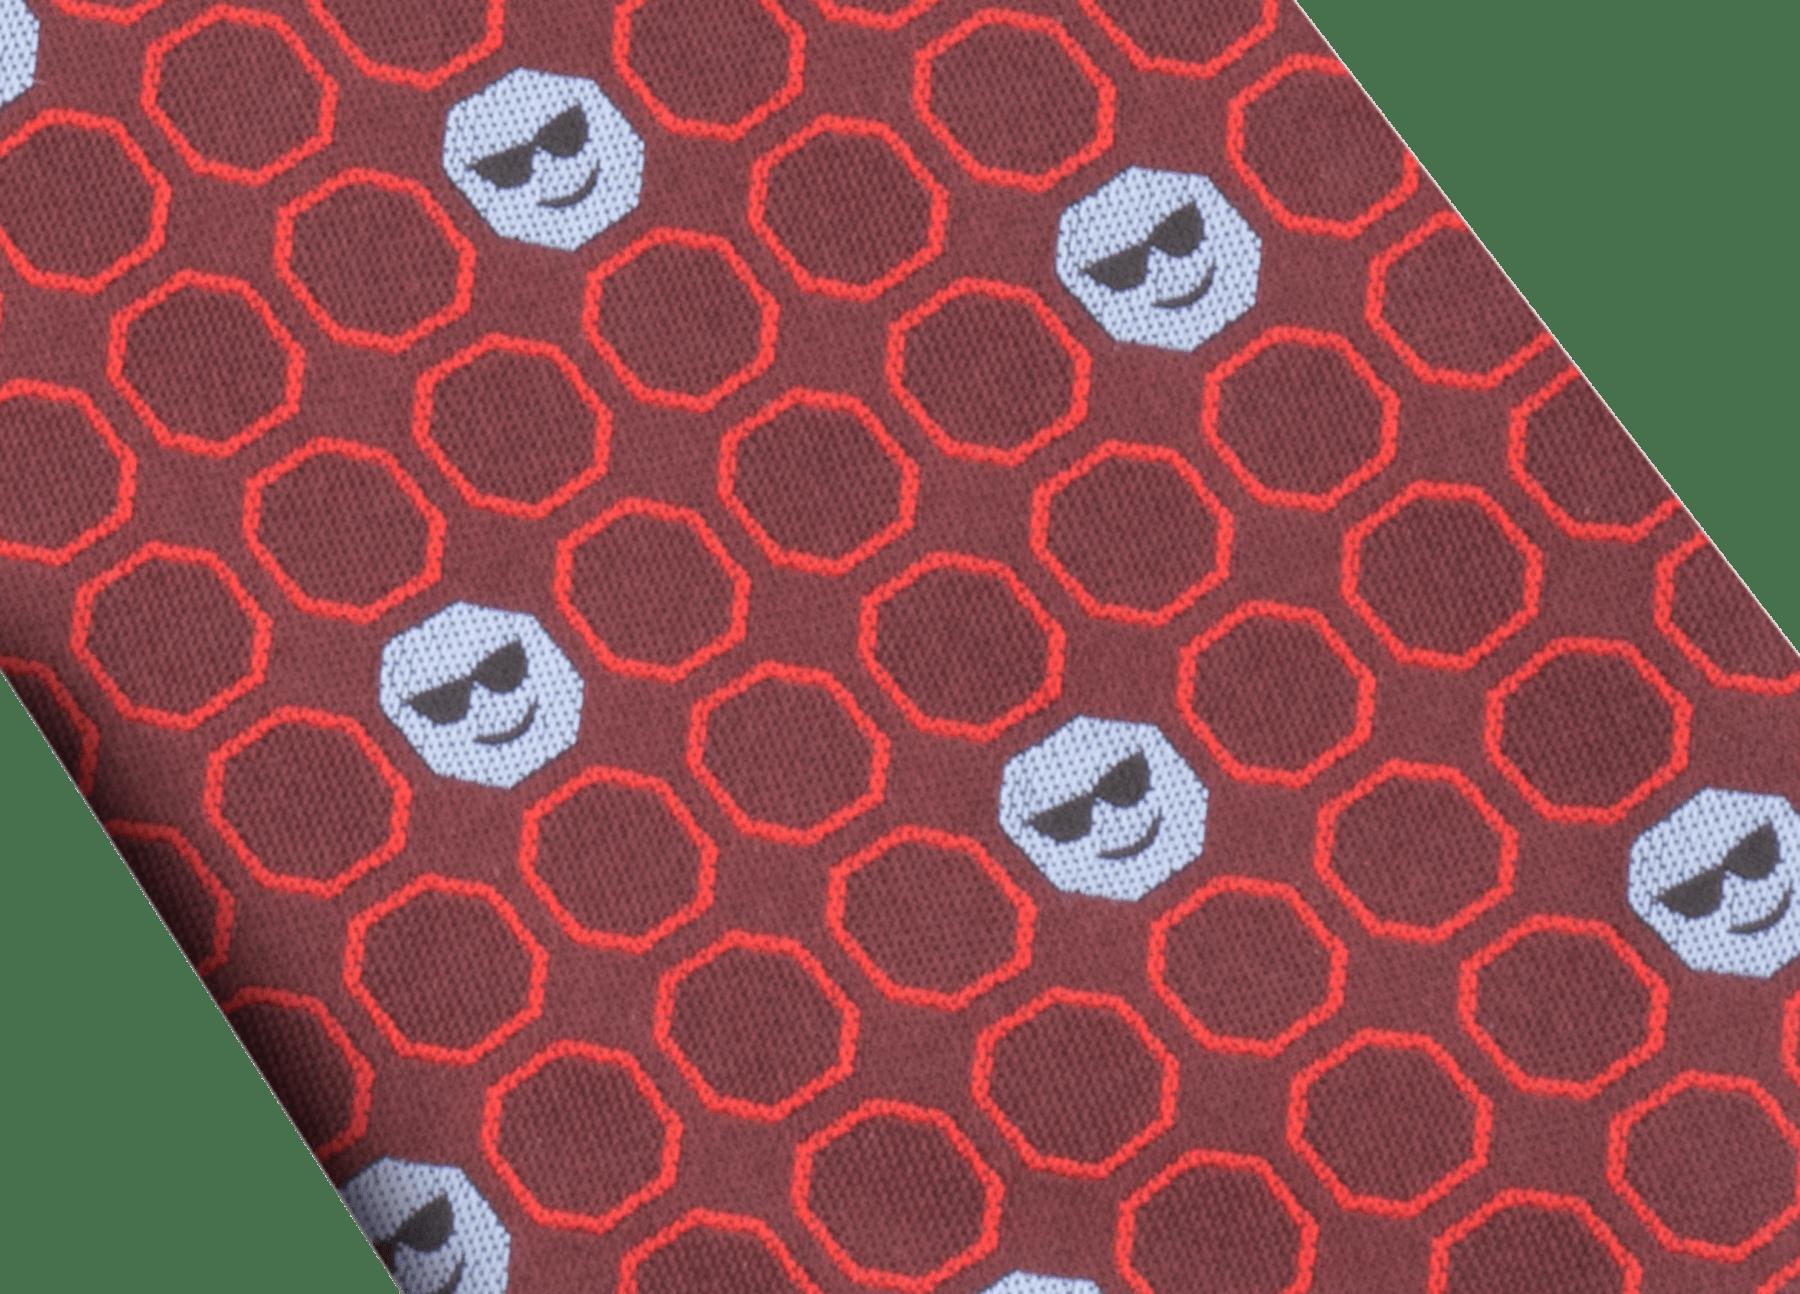 バイオレットの上質なジャガードシルク製「ダブル ソーシャル」ダブルフェイスタイ。 DOUBLESOCIAL image 2